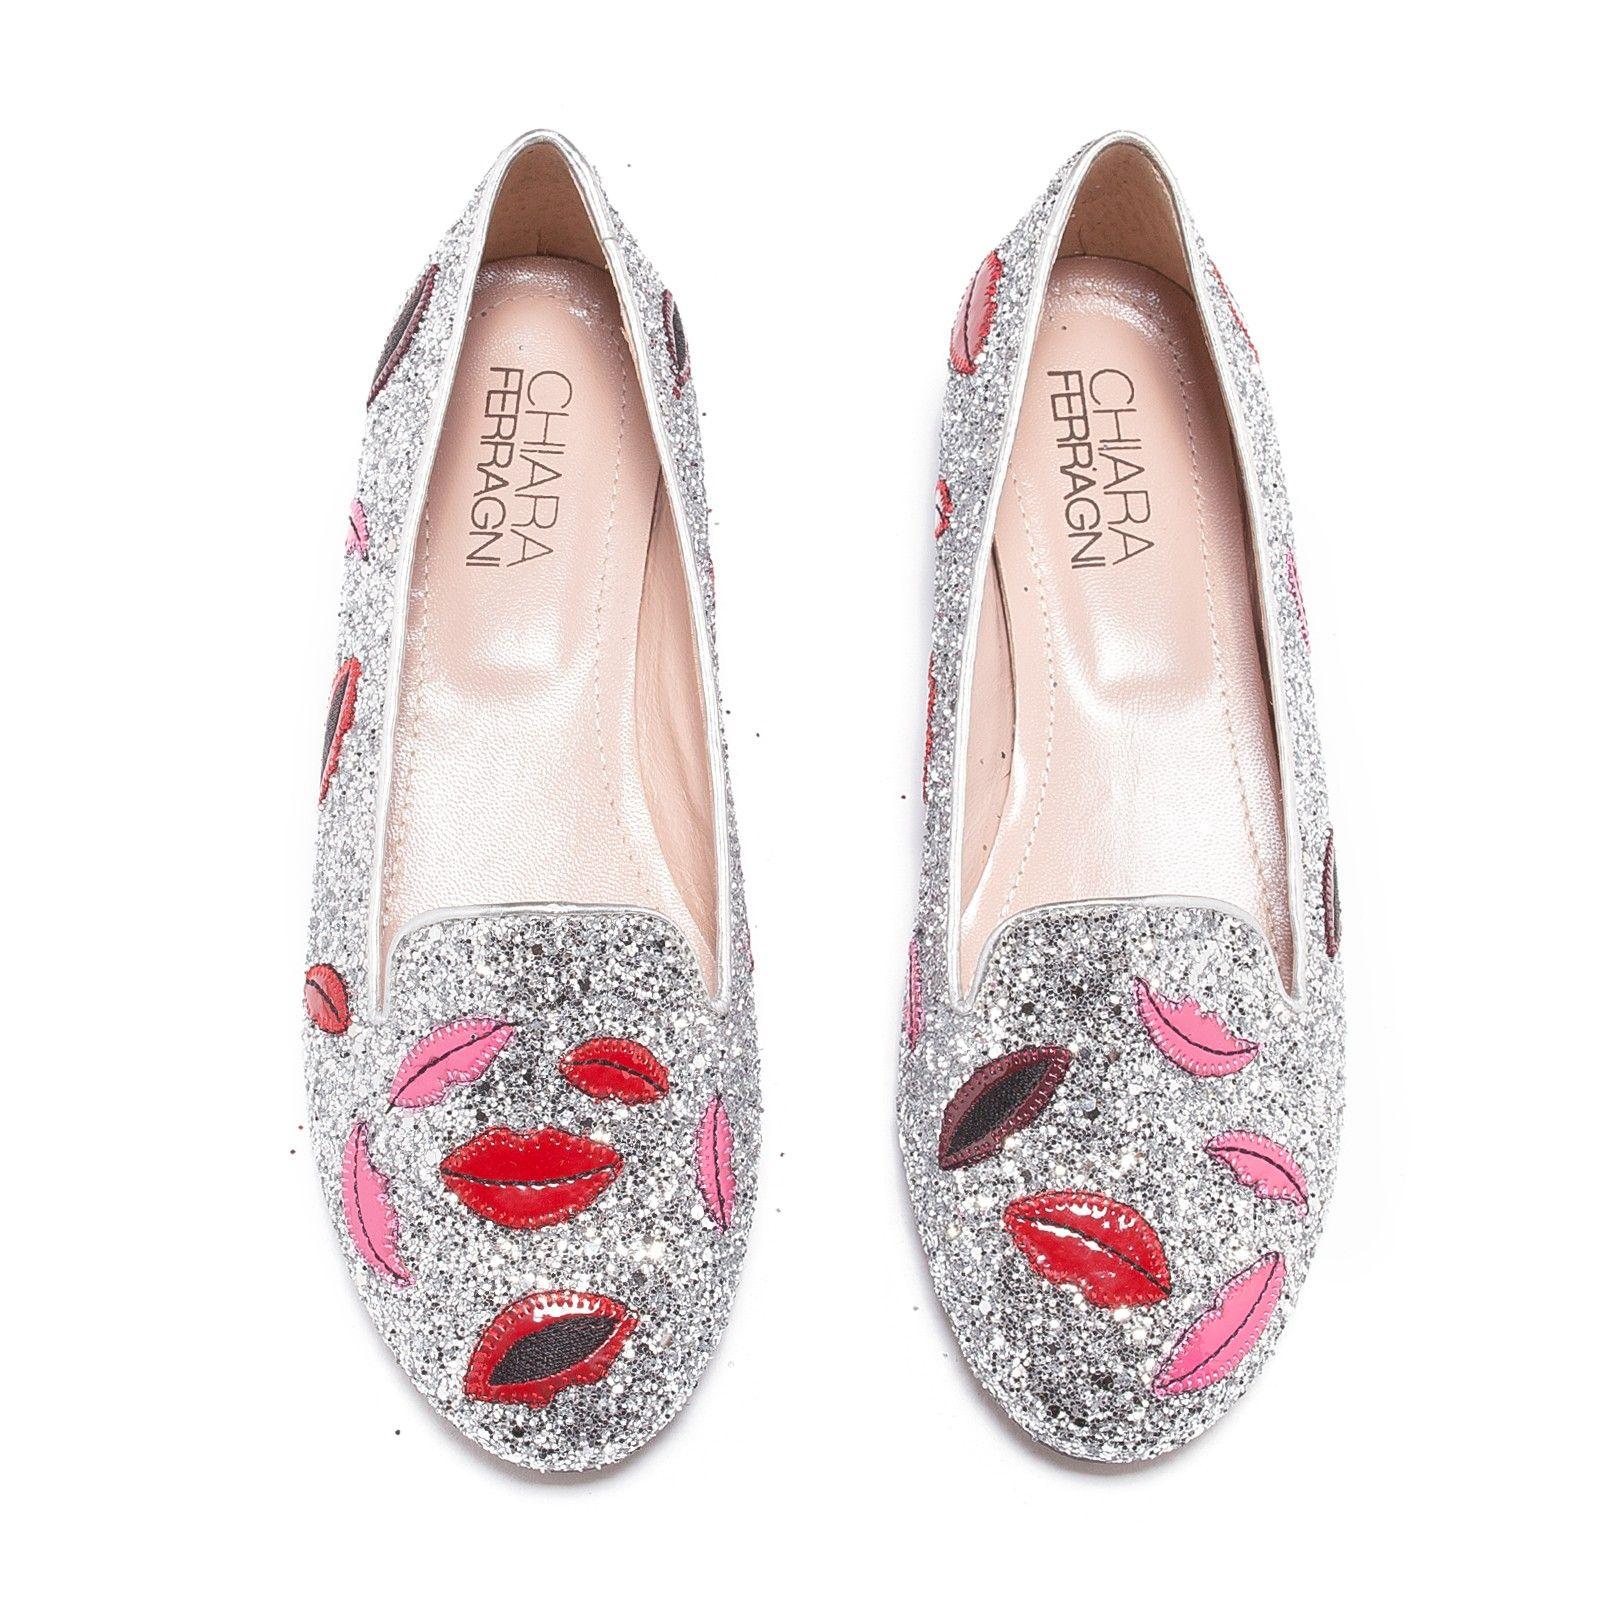 Chiara Ferragni Chaussures Slip on en paillettes d 'argent avec chausse Meilleur Magasin Pour Obtenir En Ligne Pas Cher jejEkG